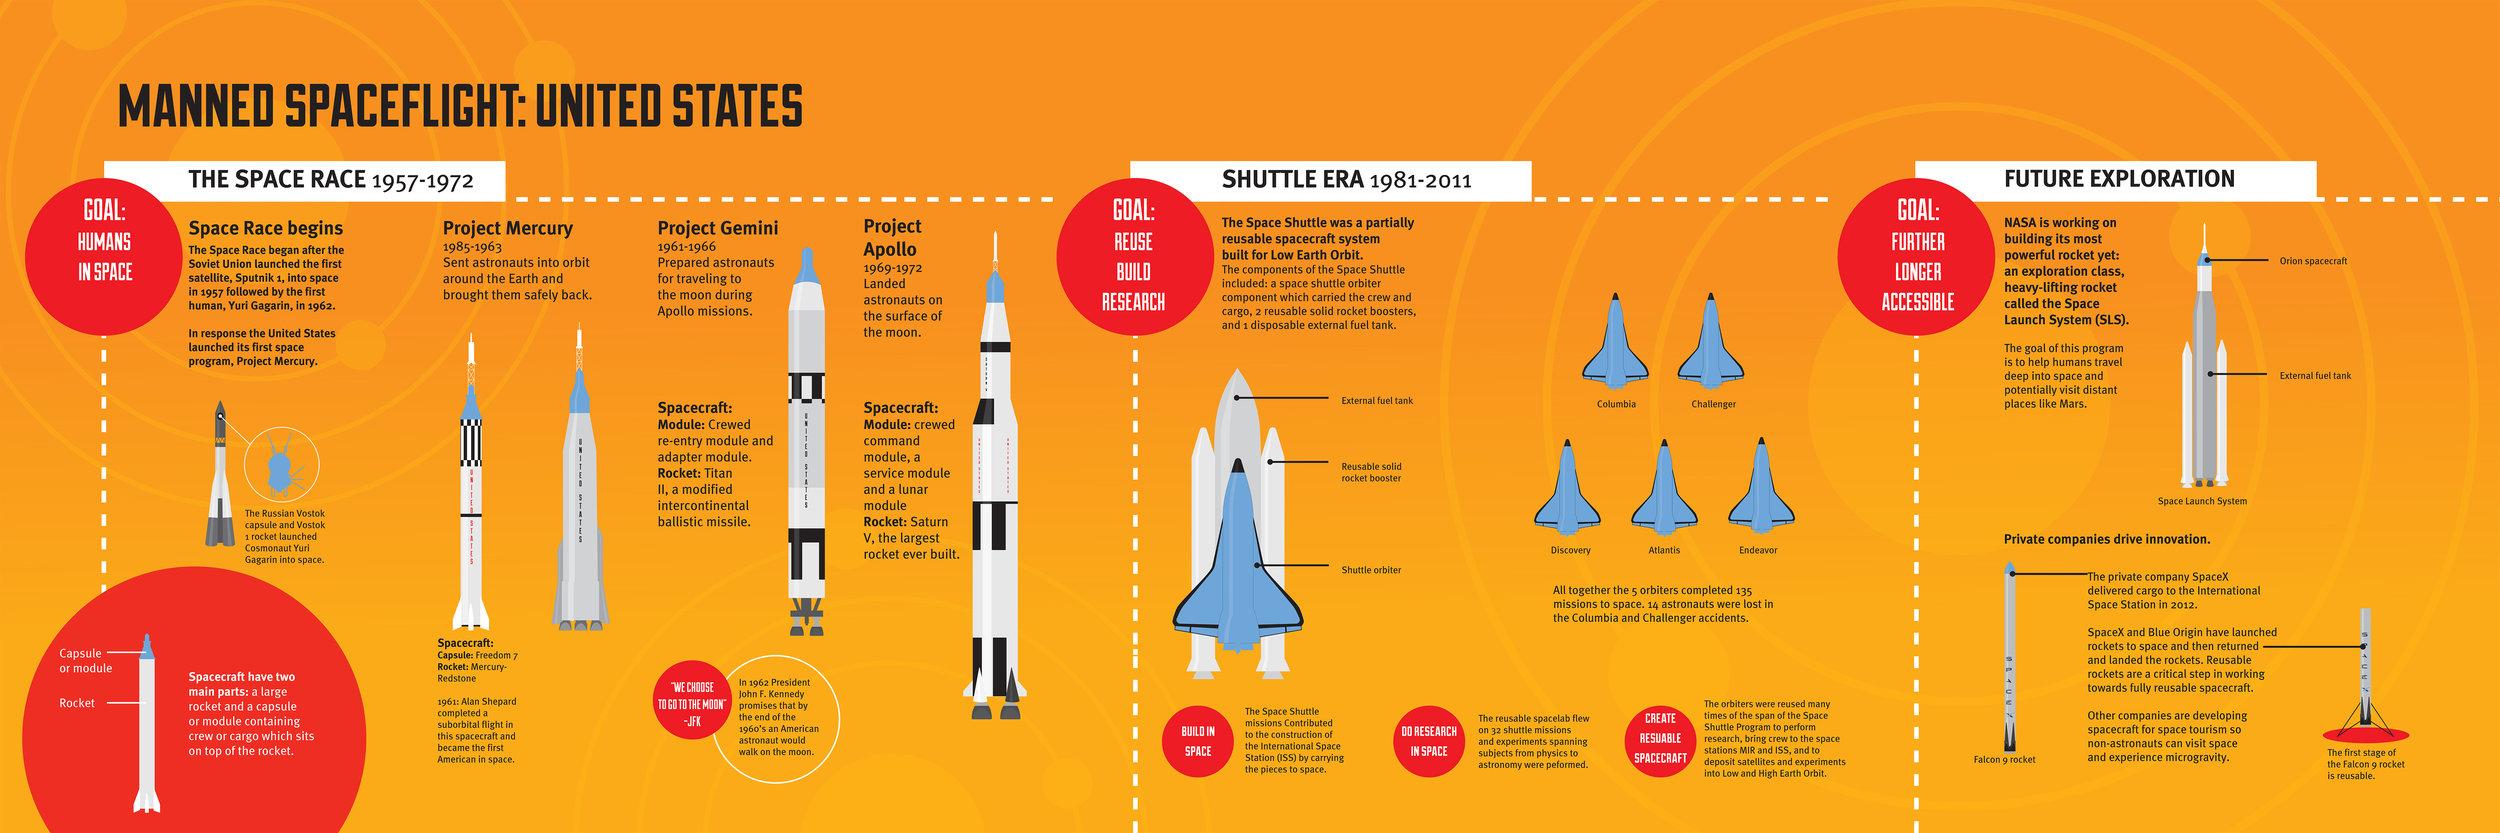 manned spaceflight .jpg